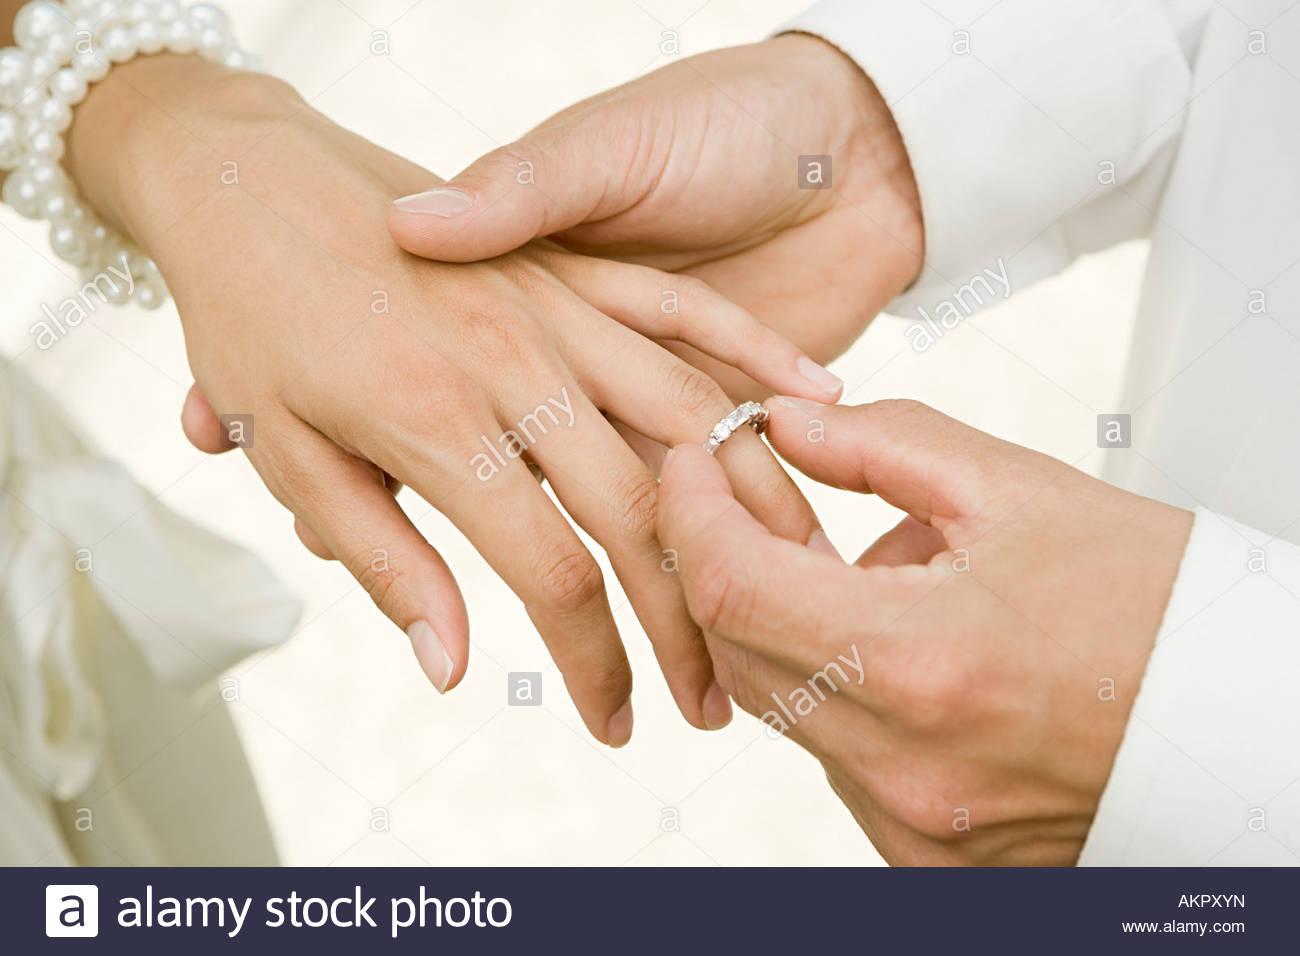 L'uomo posizionando l'anello nuziale sul dito spose Immagini Stock